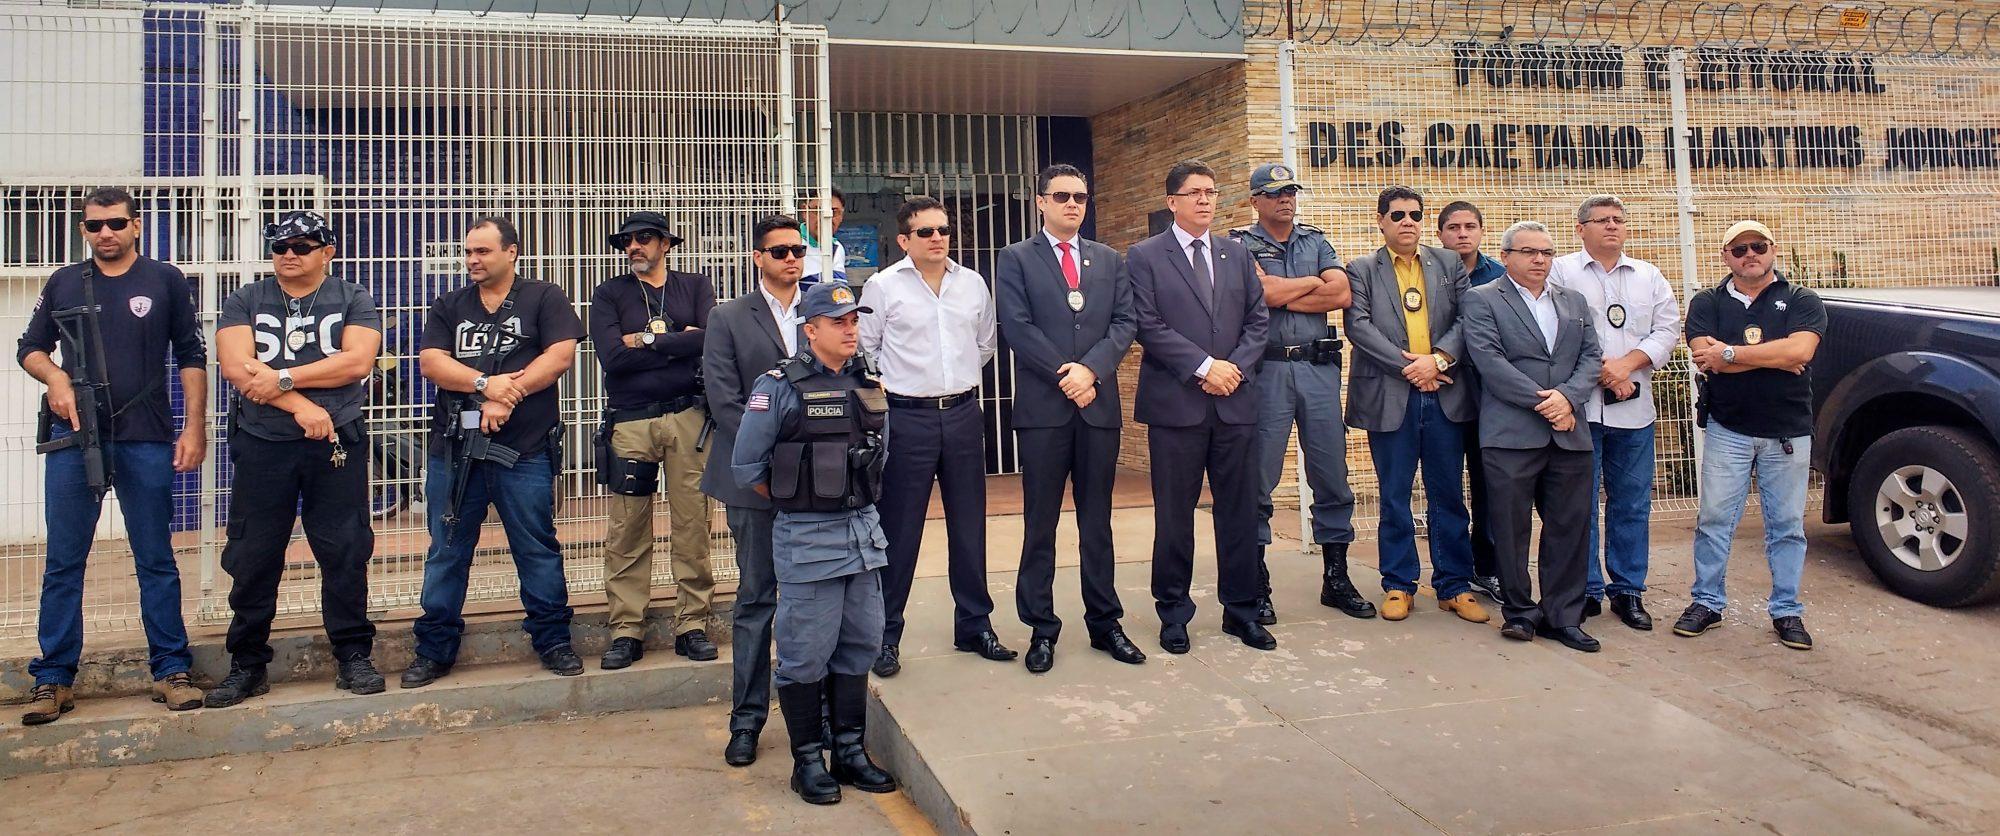 Cúpula da segurança pública realiza operações em municípios no combate à corrupção eleitoral e a coação da violência